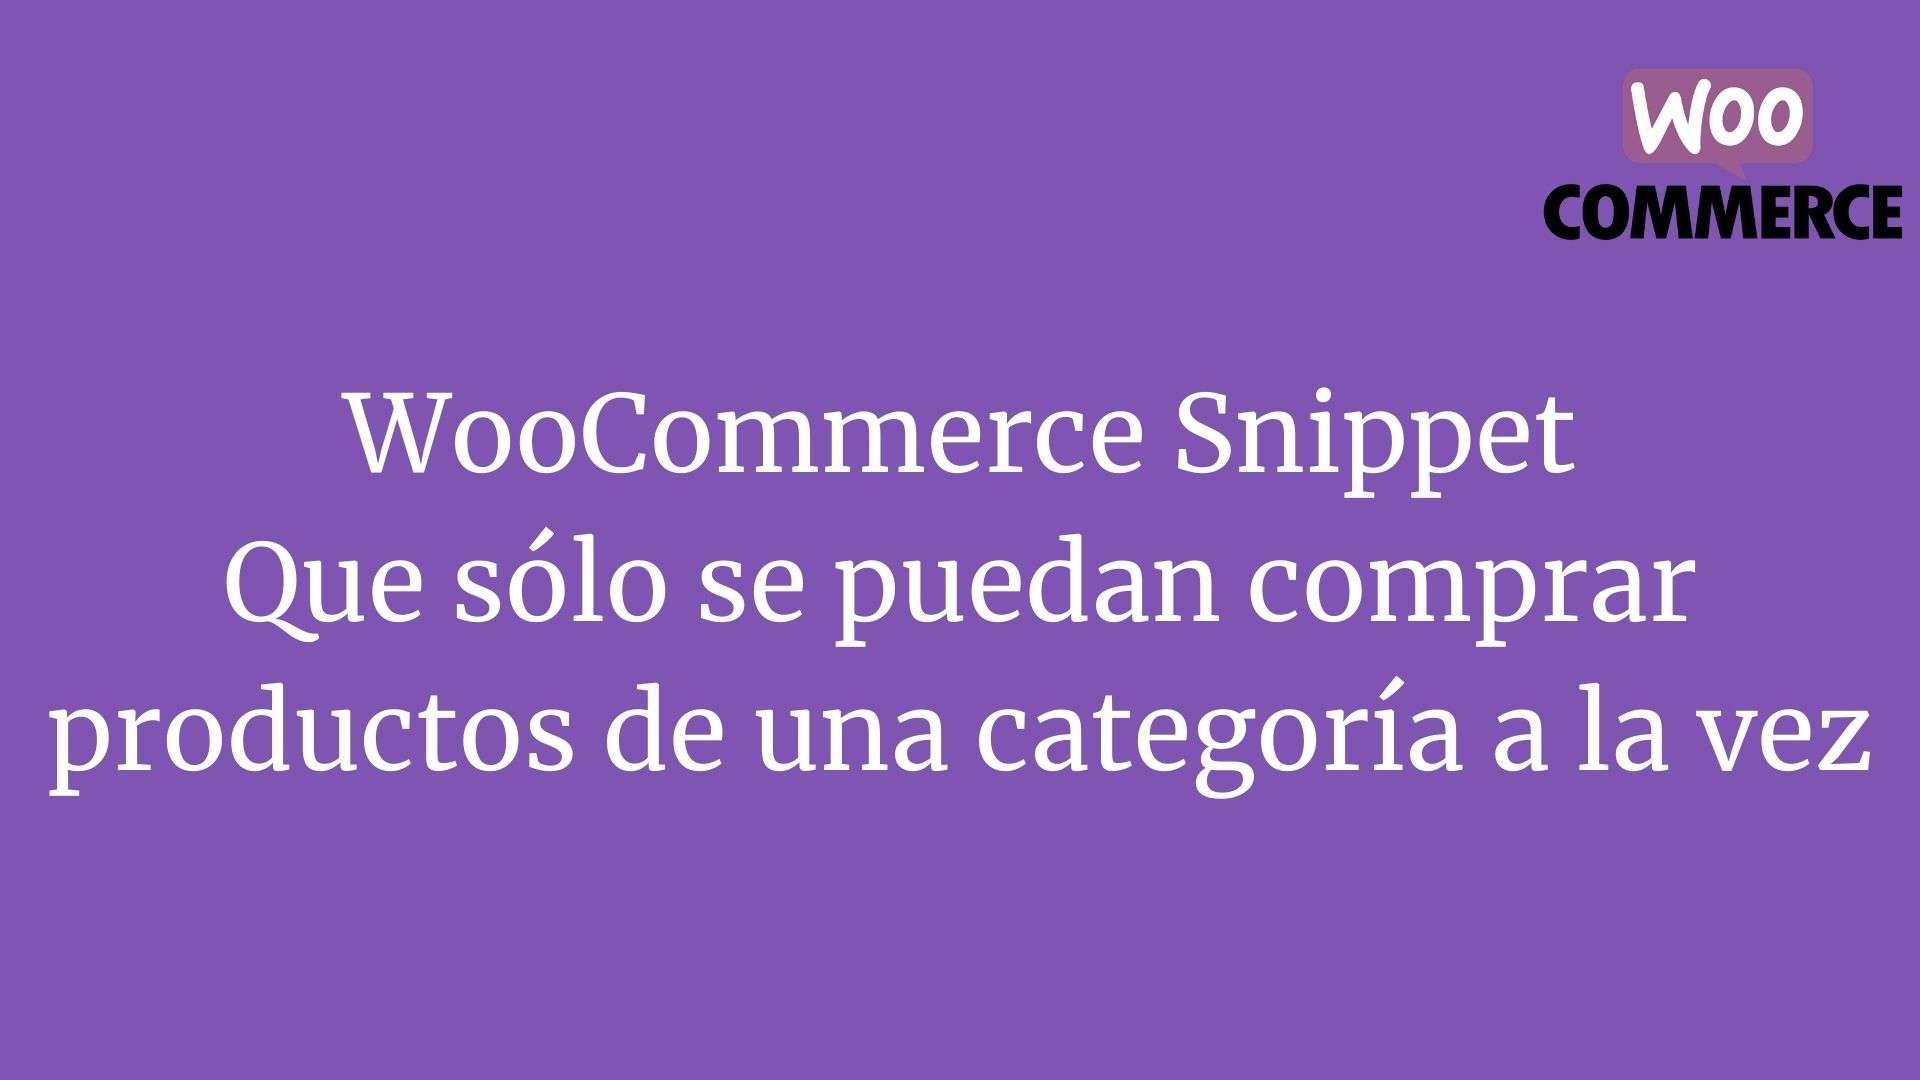 WooCommerce Snippet Que solo se puedan comprar productos de una categoria a la vez